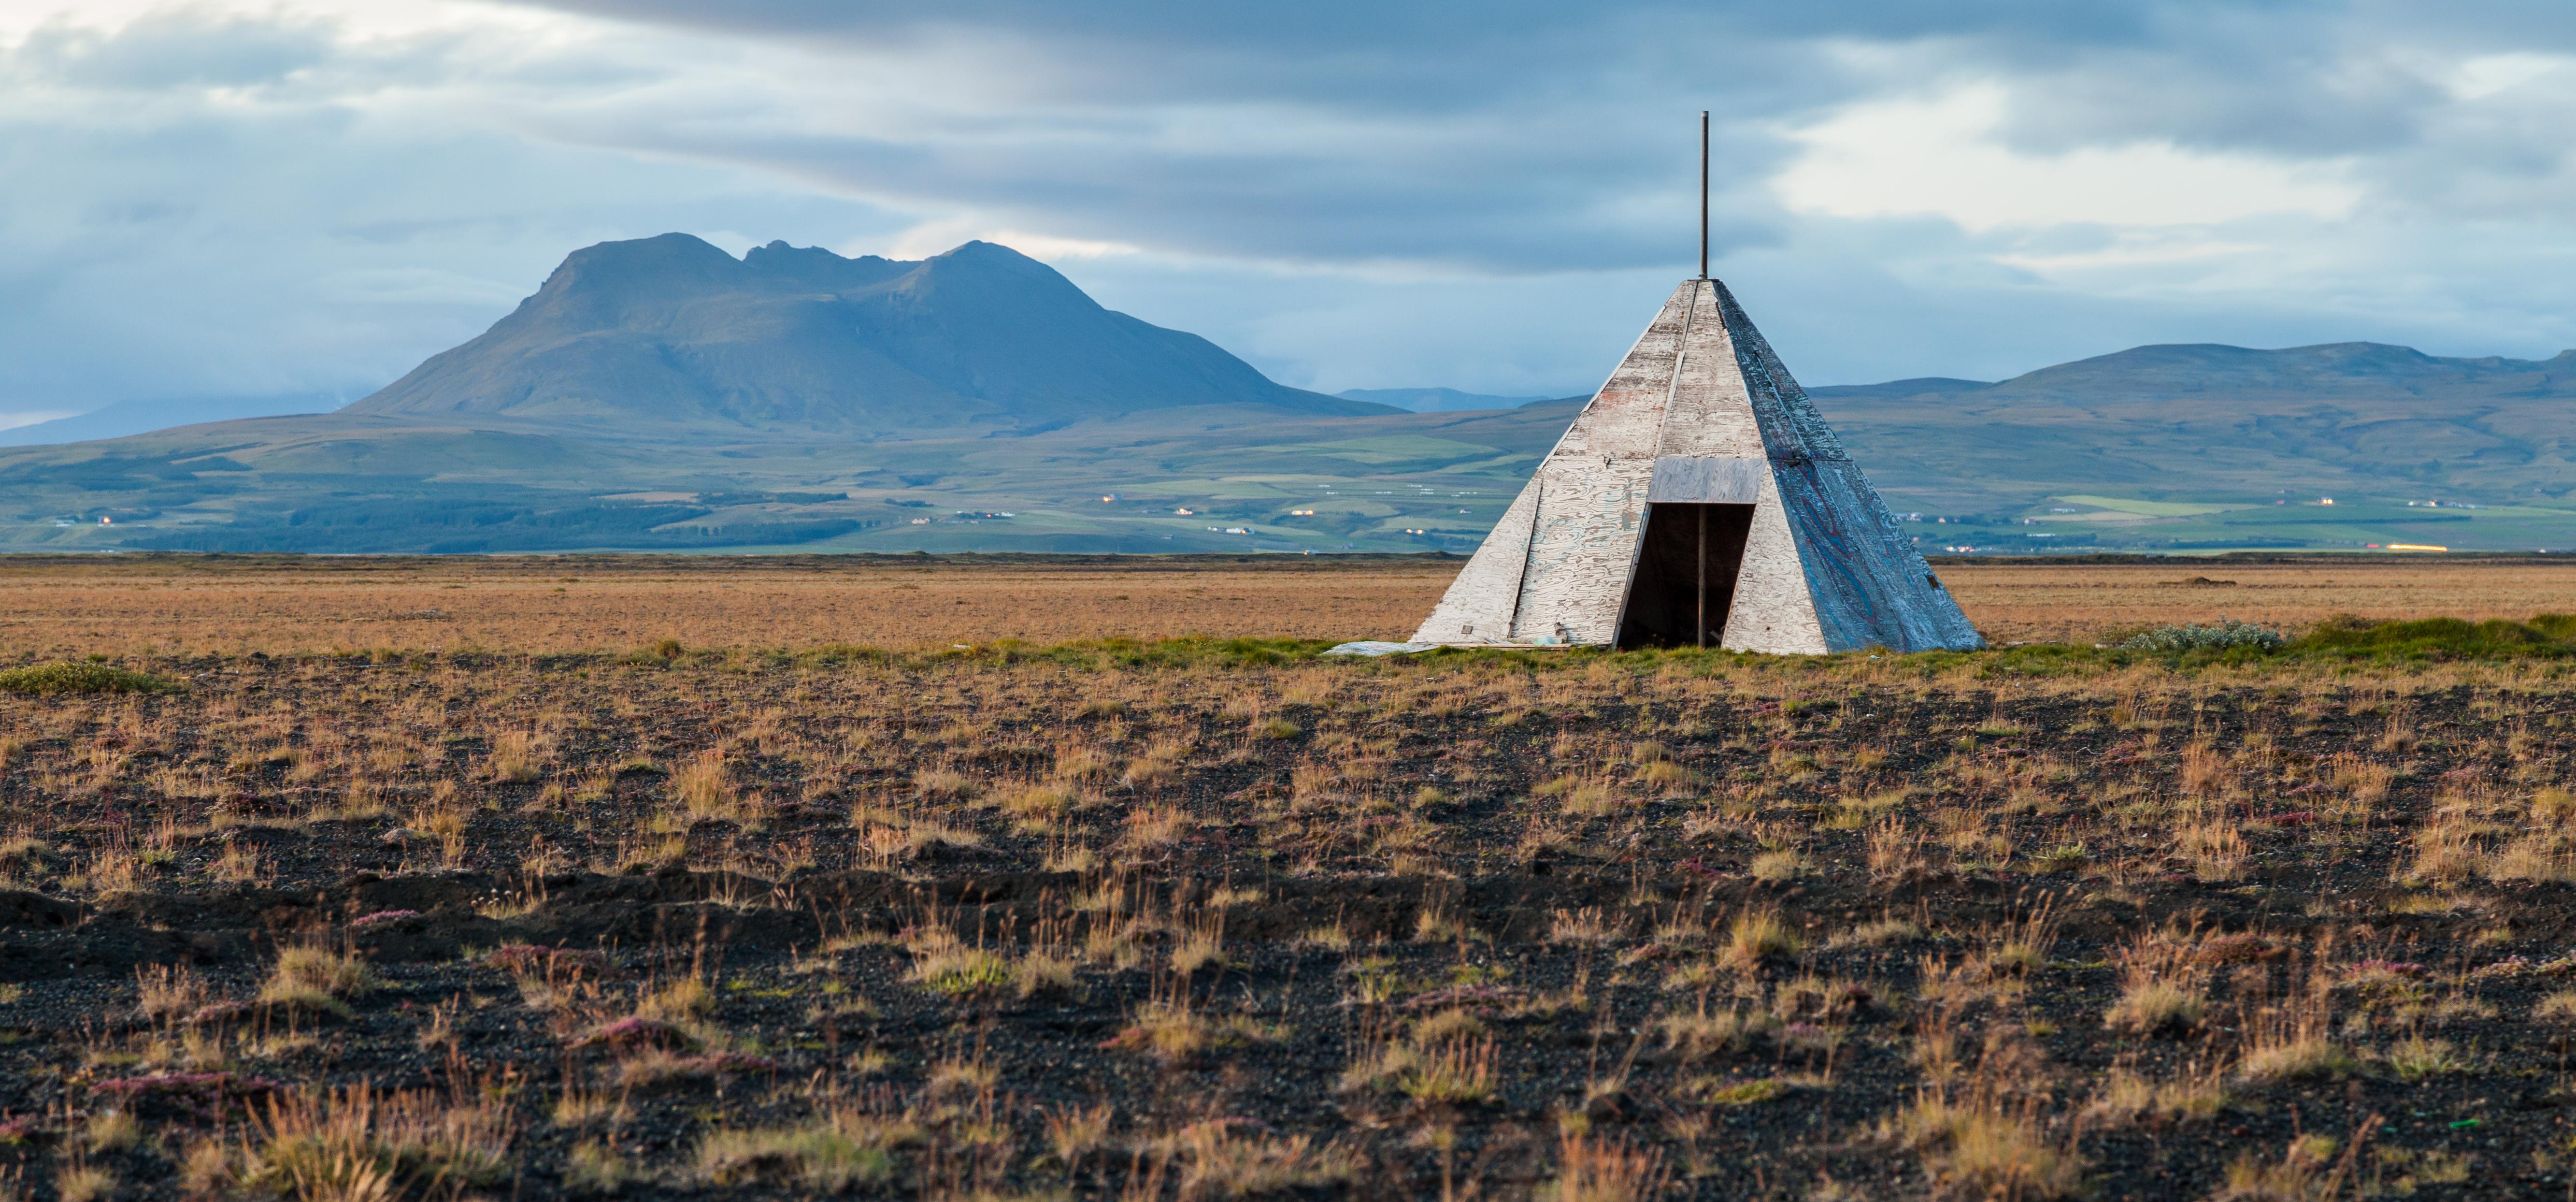 Caseta_cerca_de_Hvolsvöllur,_Suðurland,_Islandia,_2014-08-16,_DD_213